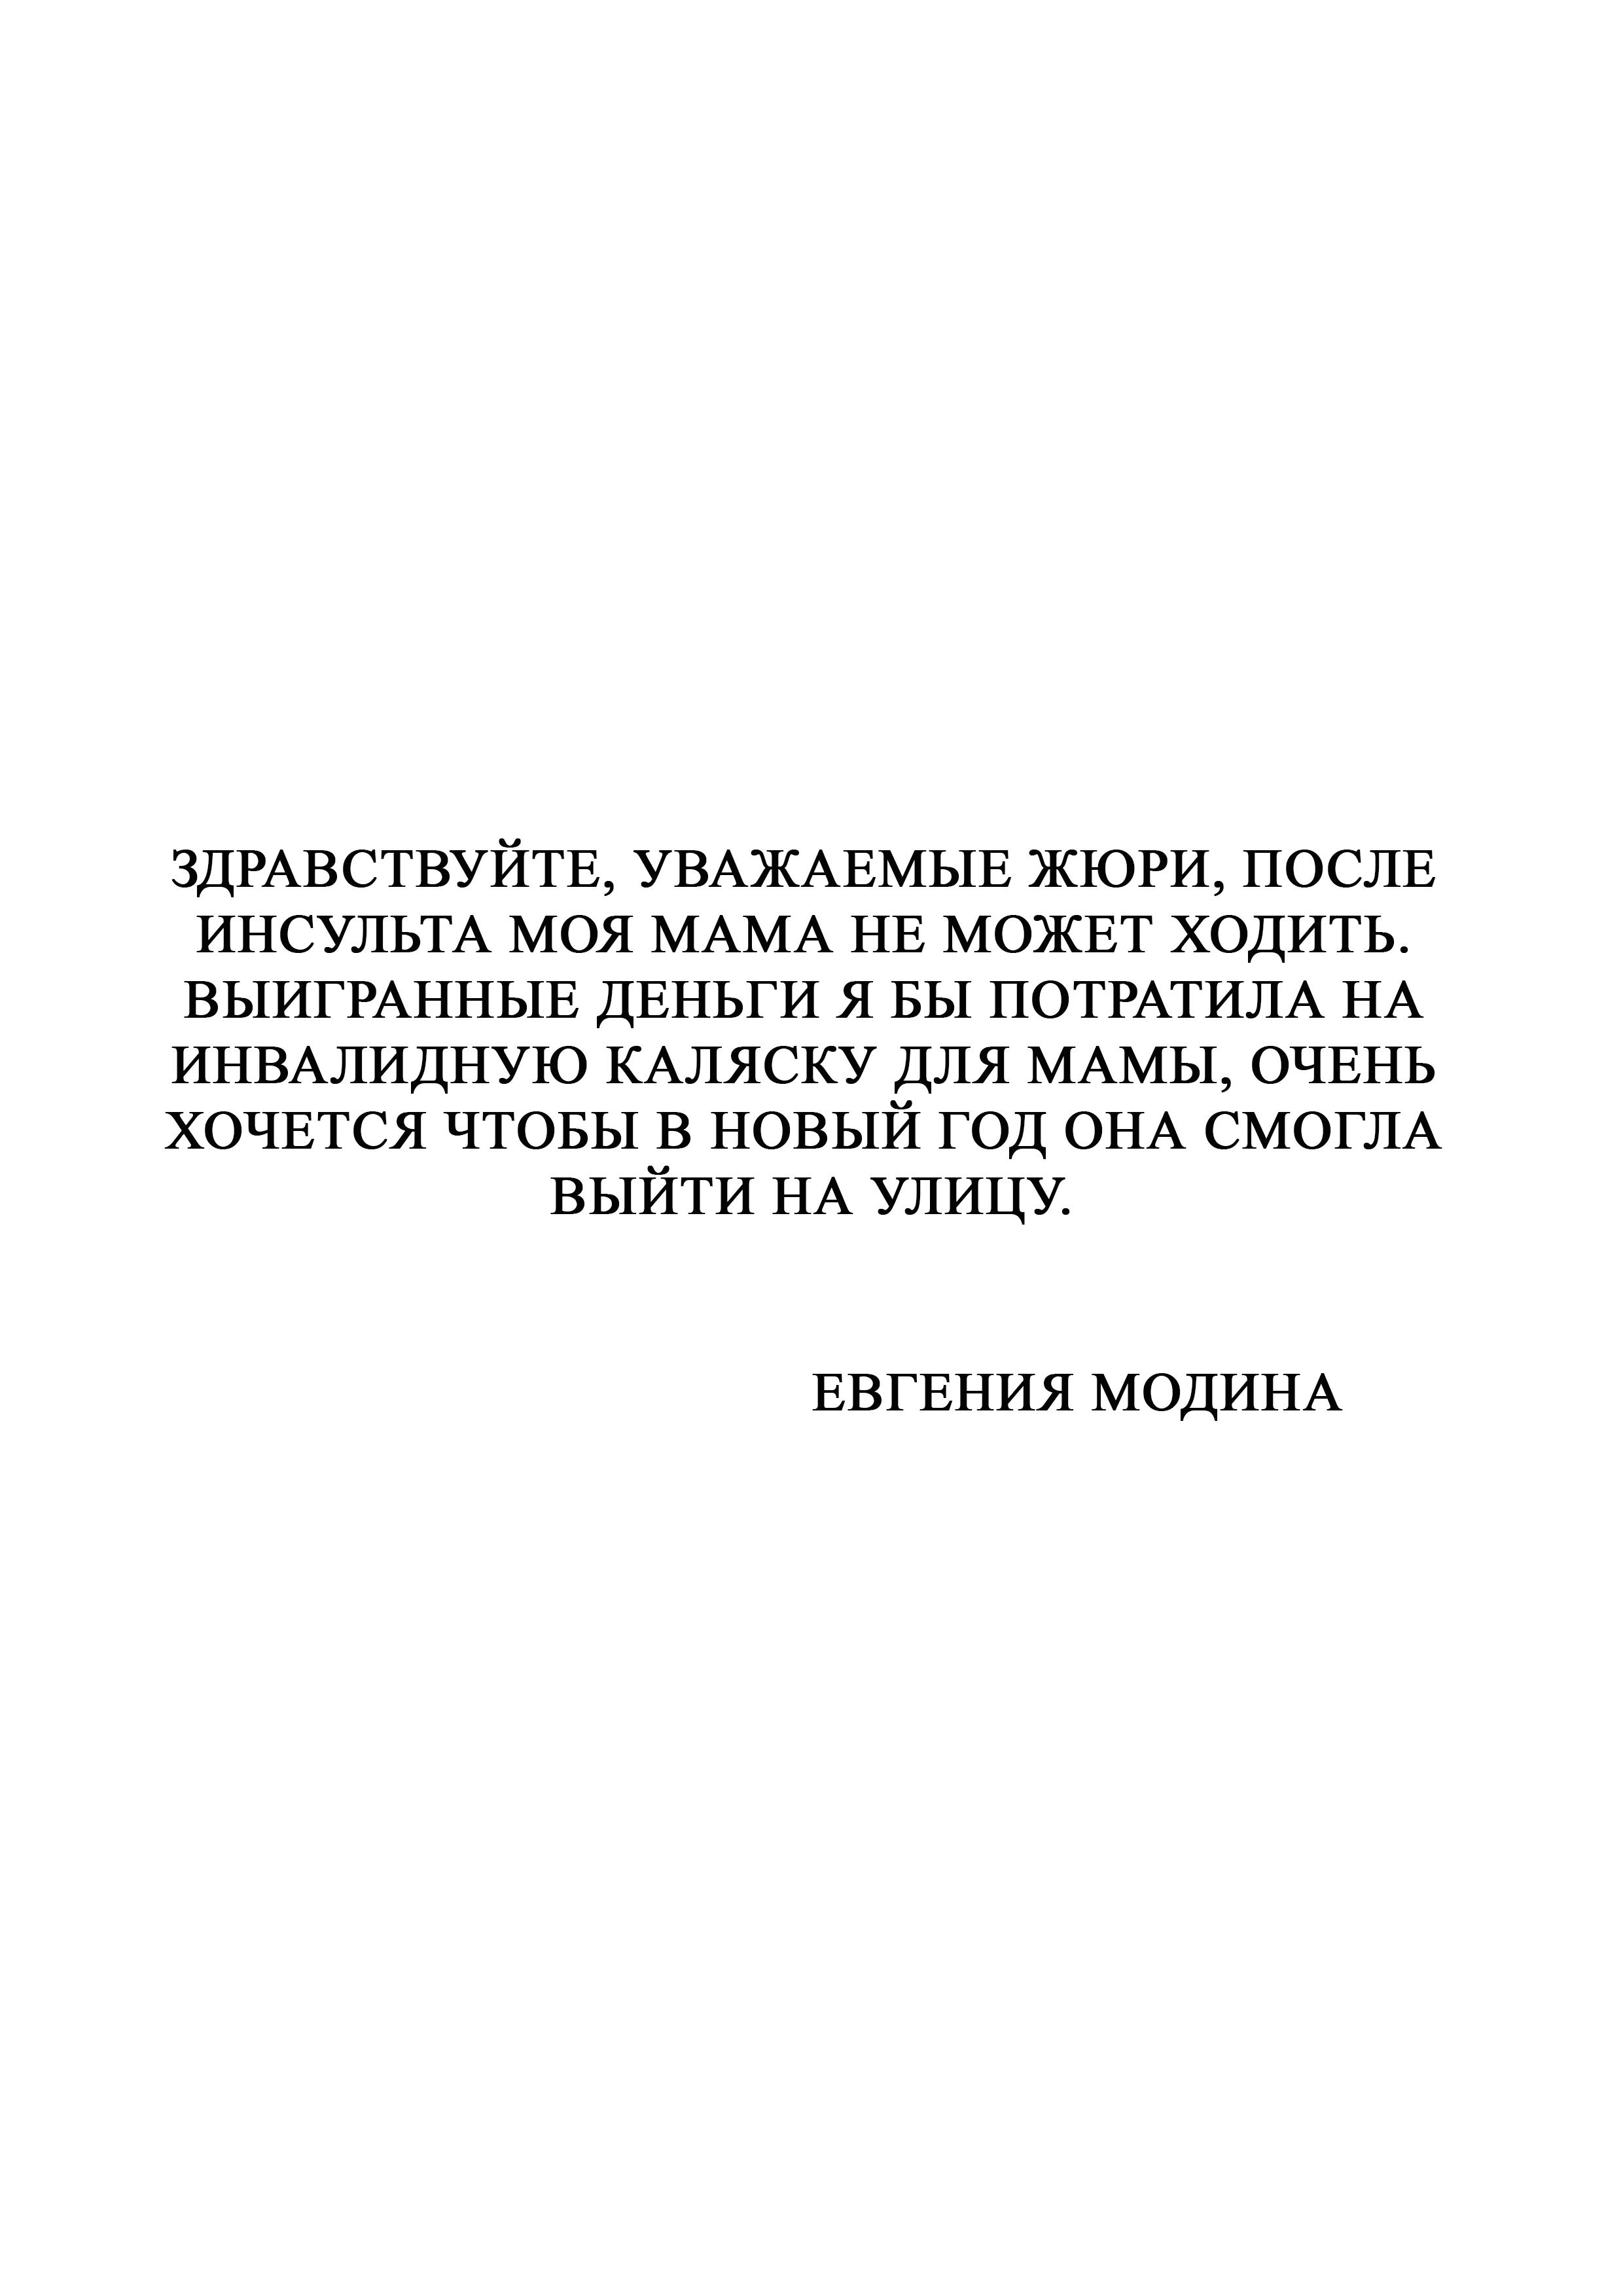 Евгения Модина